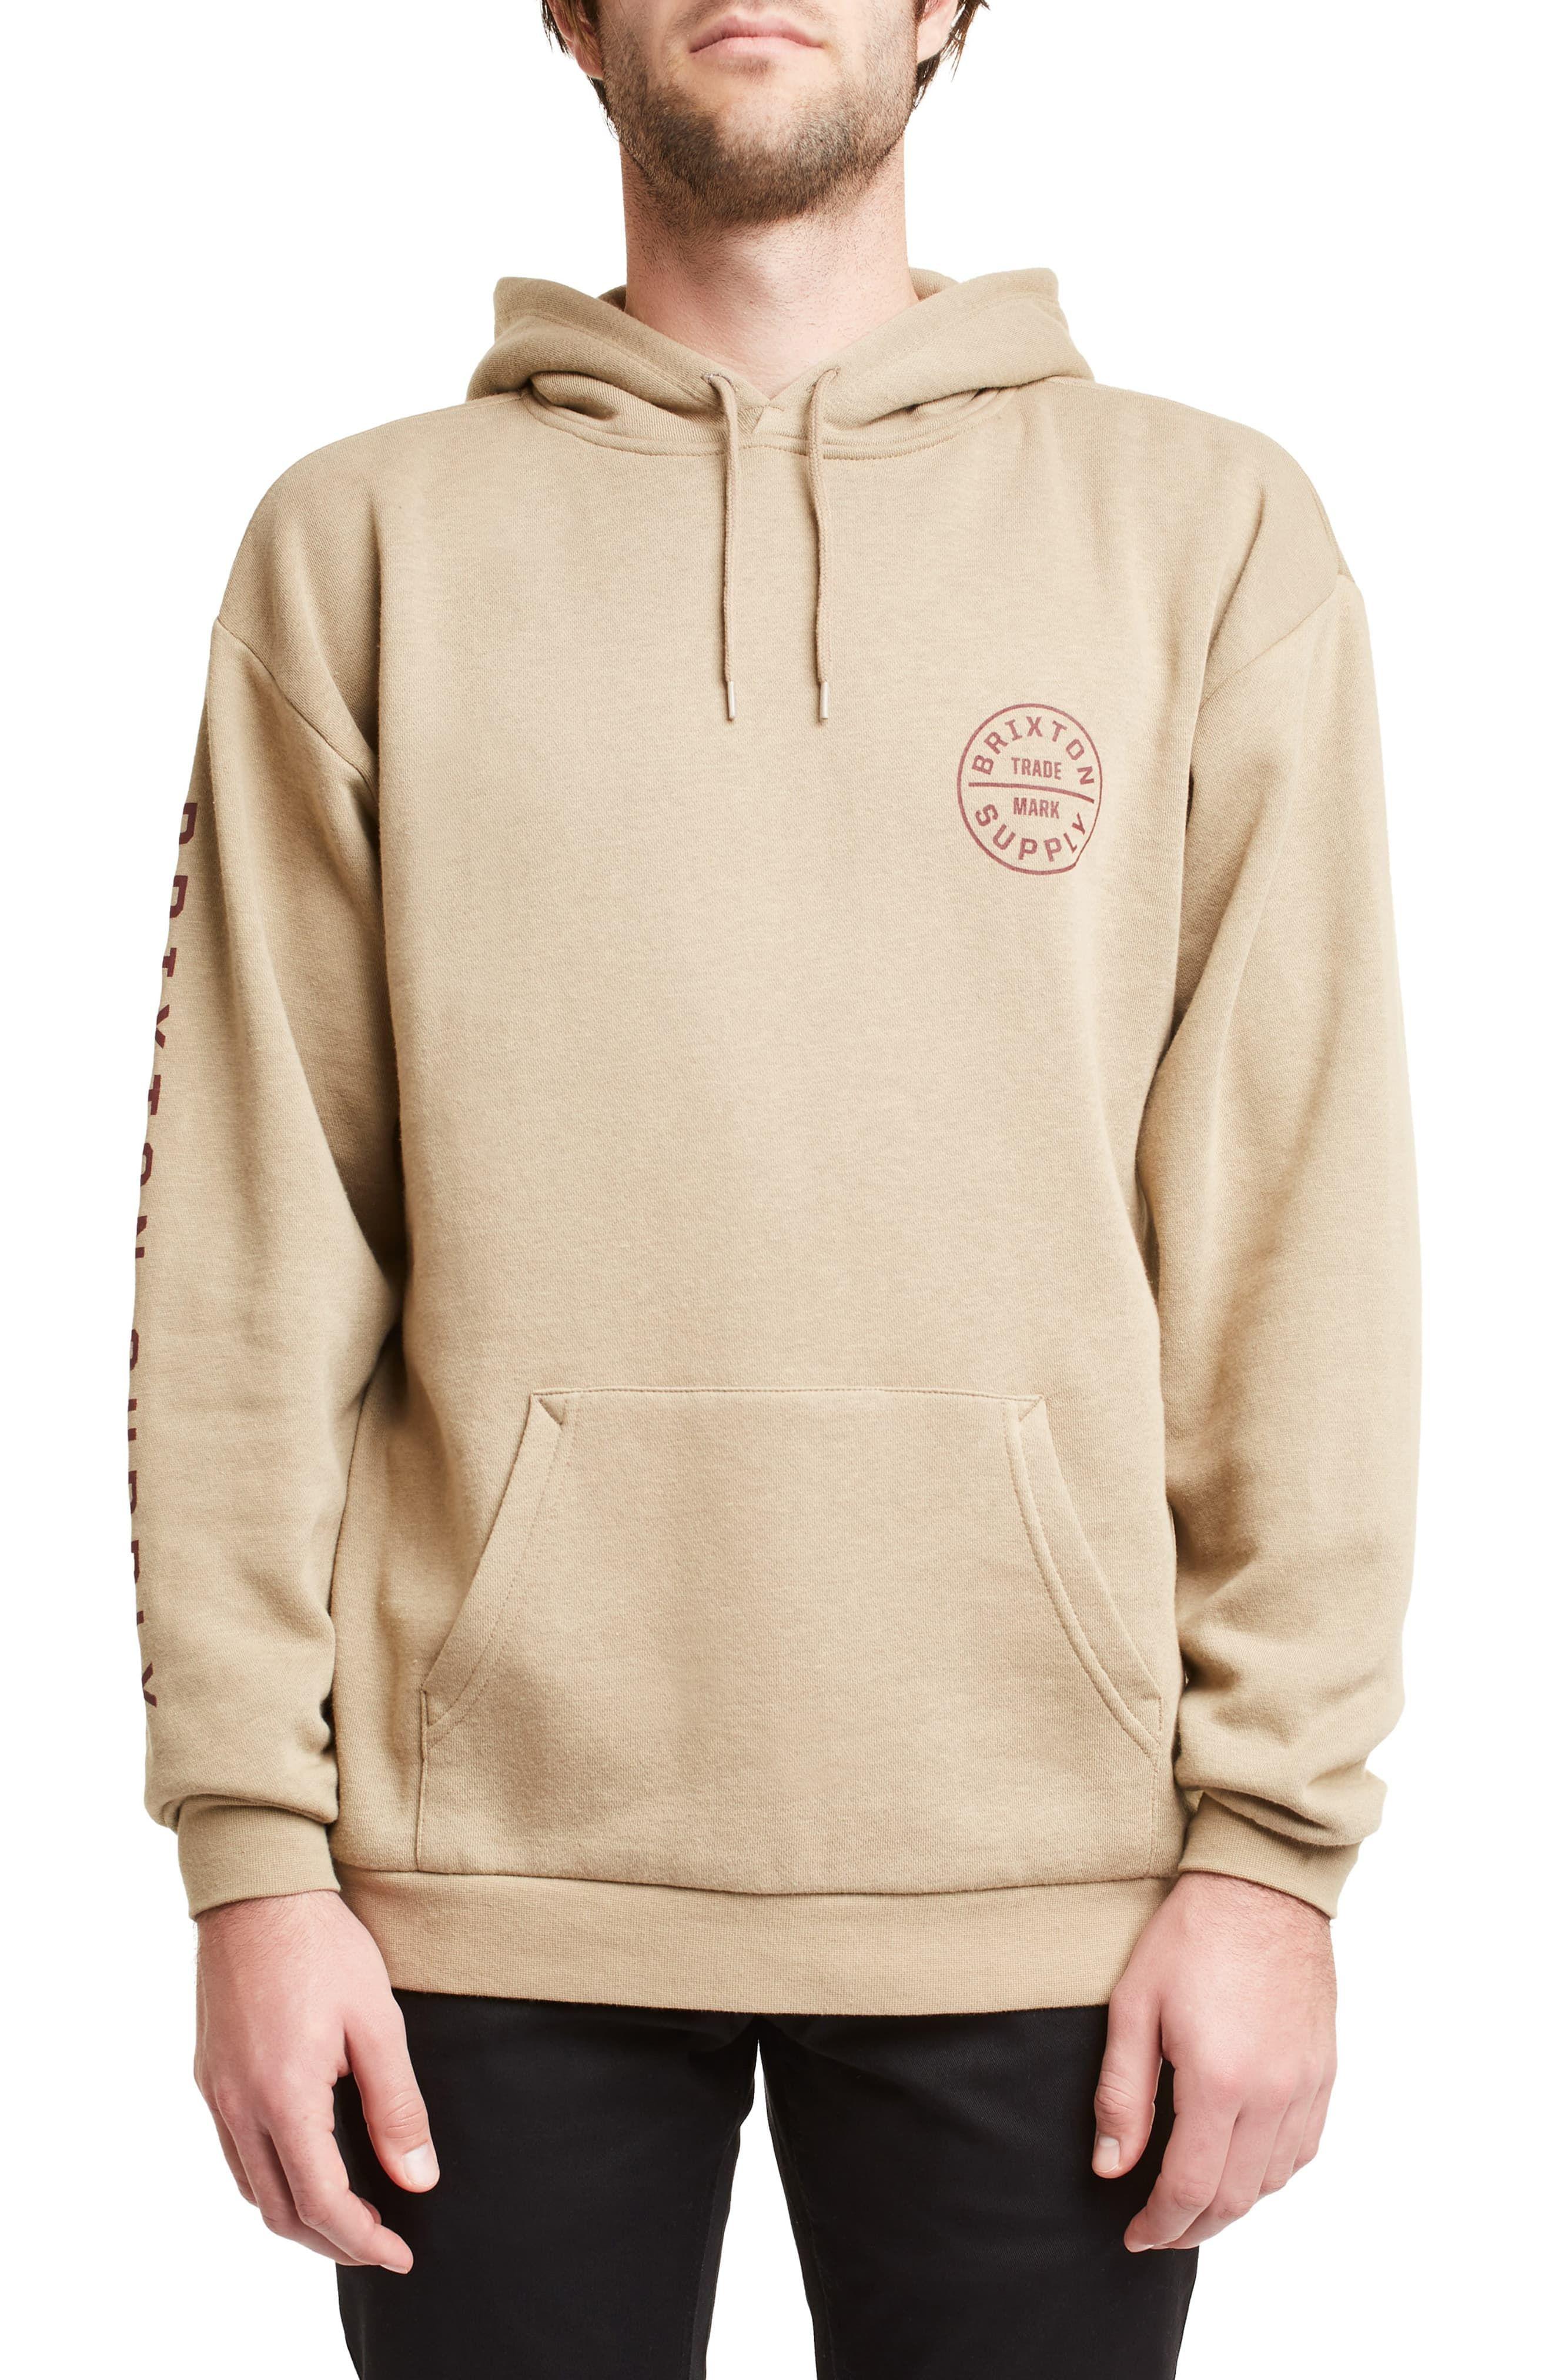 e65c6ba63a Men's Brixton Oath Ii Hooded Sweatshirt, Size XX-Large - Beige ...